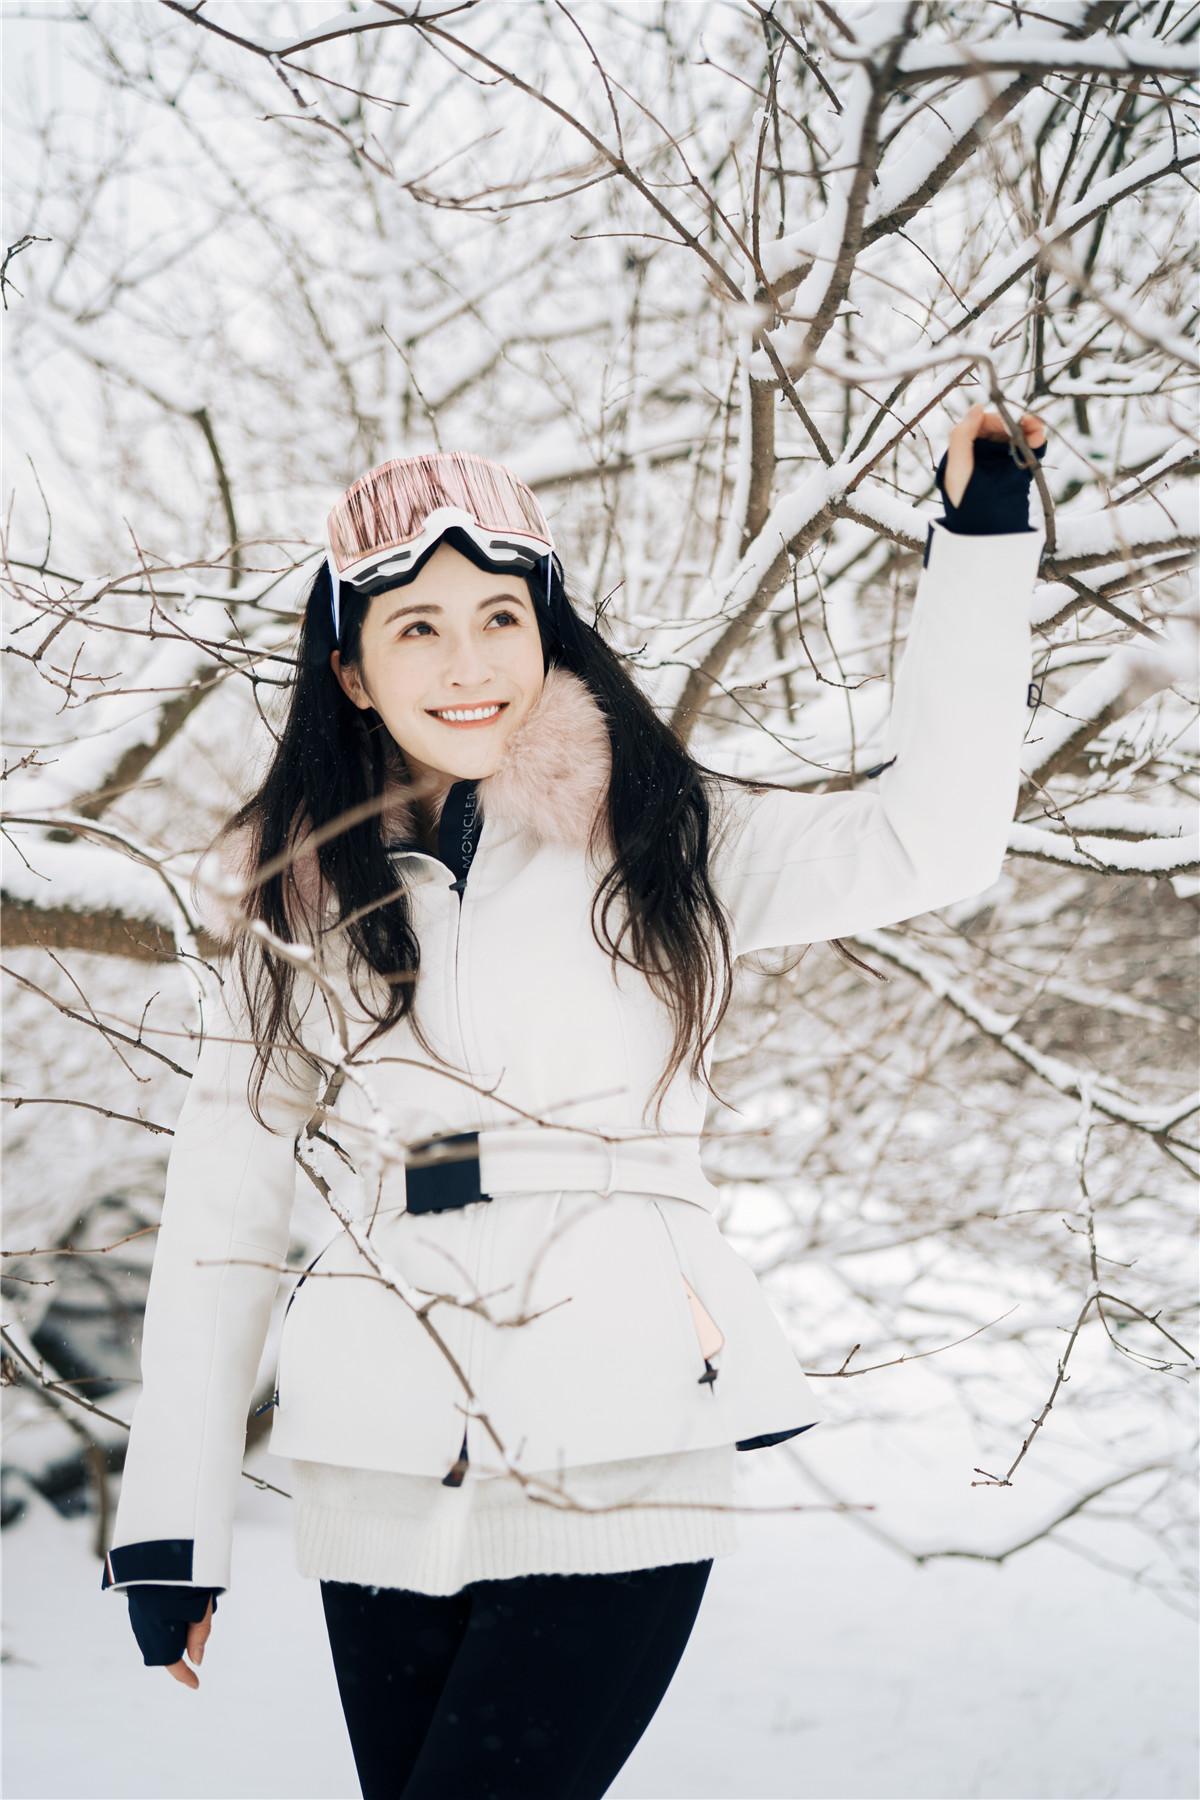 孙晶晶芬兰冬日雪地写真曝光 初恋女神气质尽显